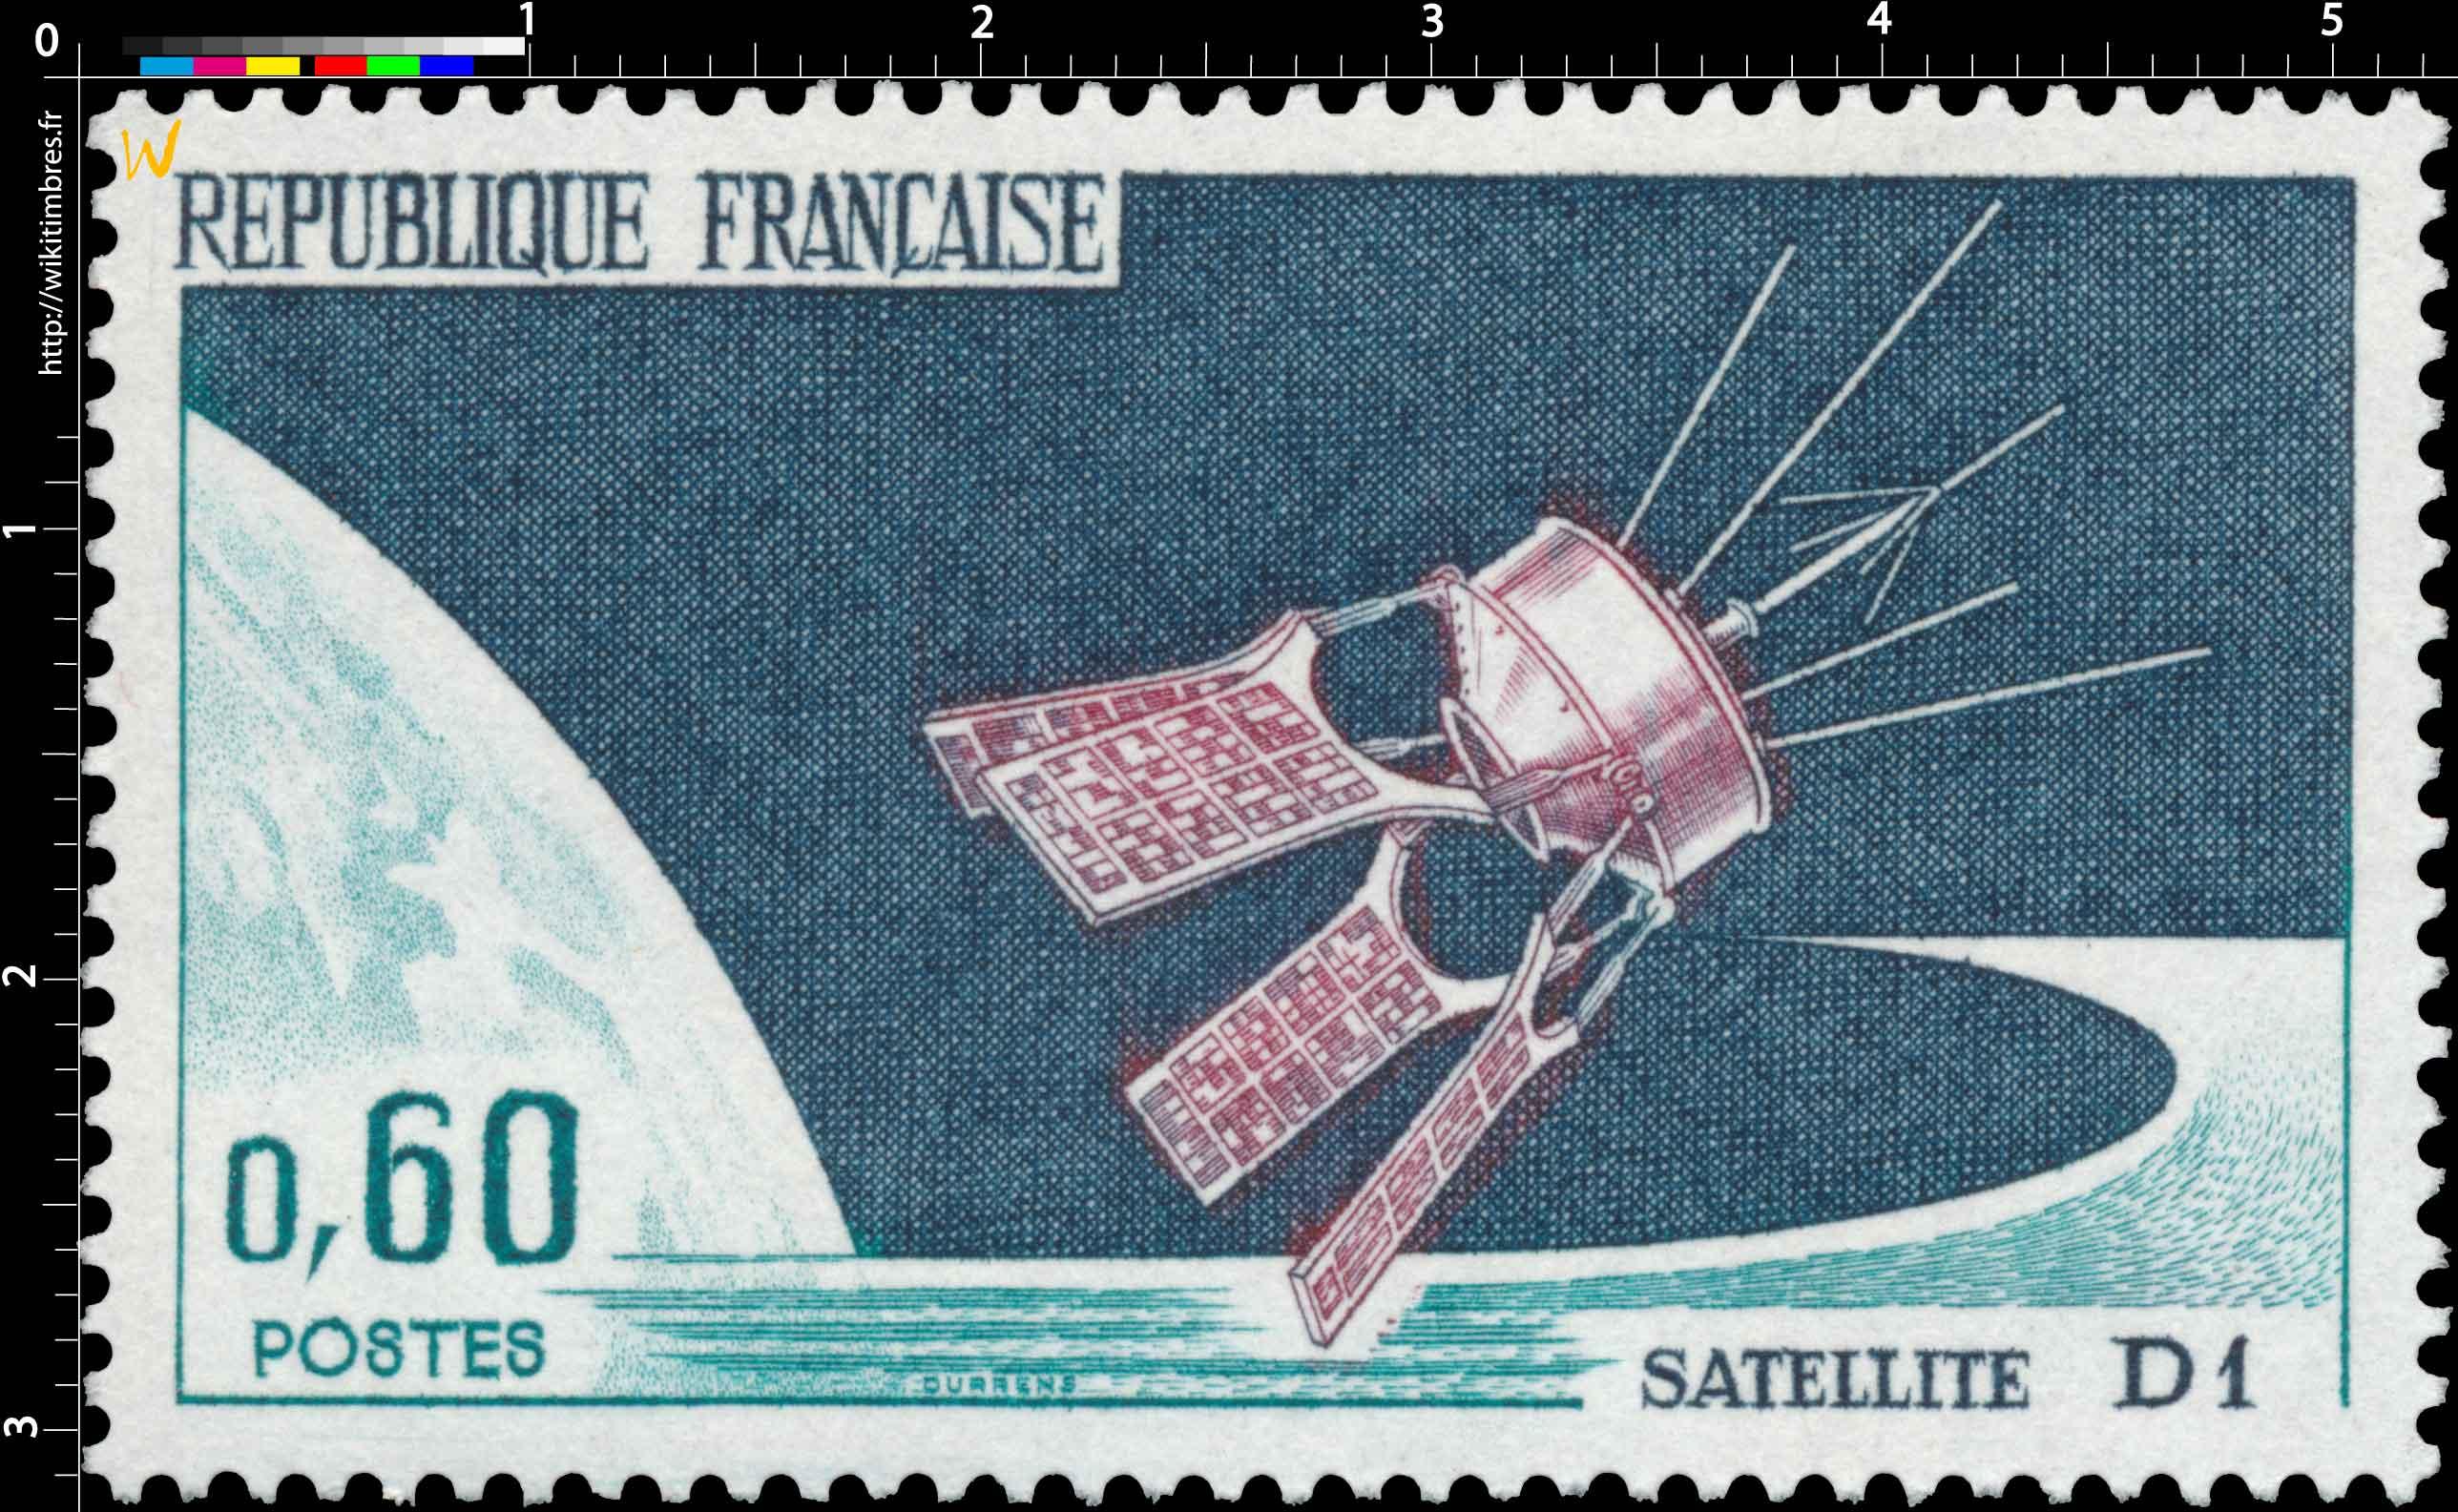 SATELLITE D1